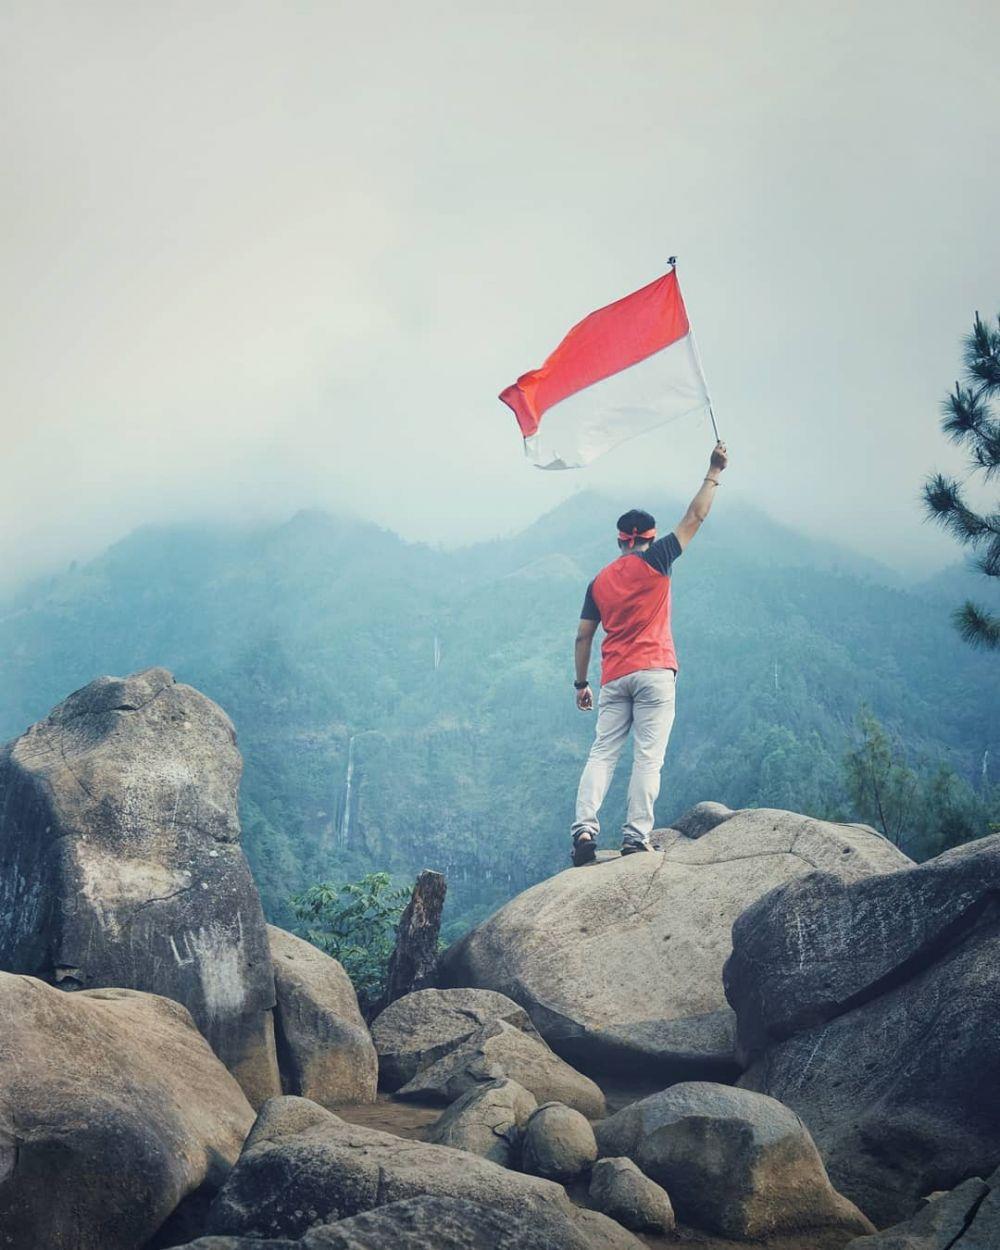 merah putih berkibar di gunung © Instagram